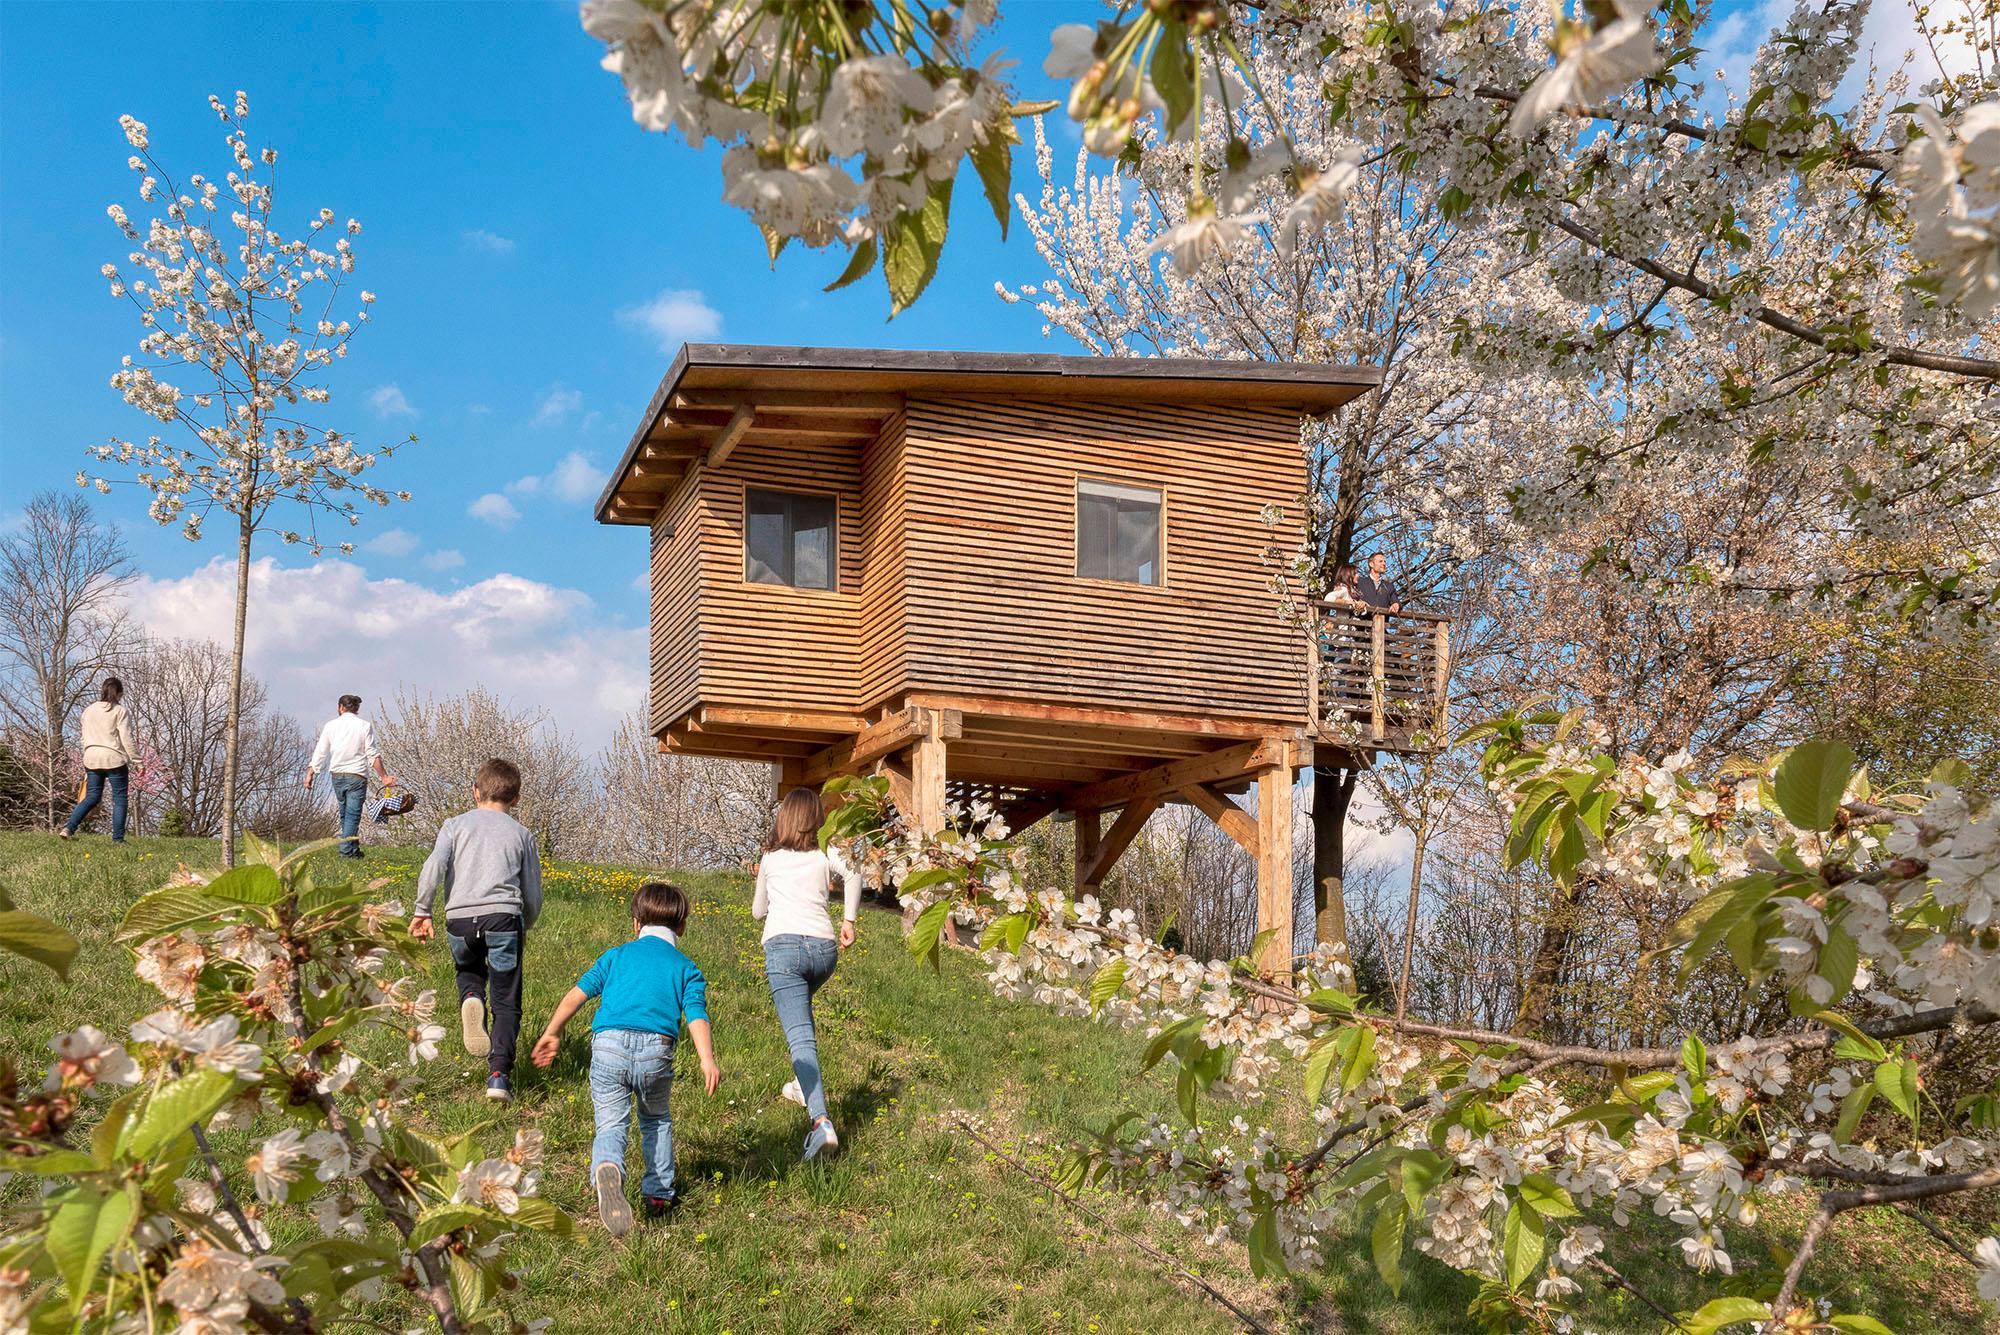 Agriturismo Parco del Grep - Monferrato, Piemonte - Casa sugli alberi I Ciliegi